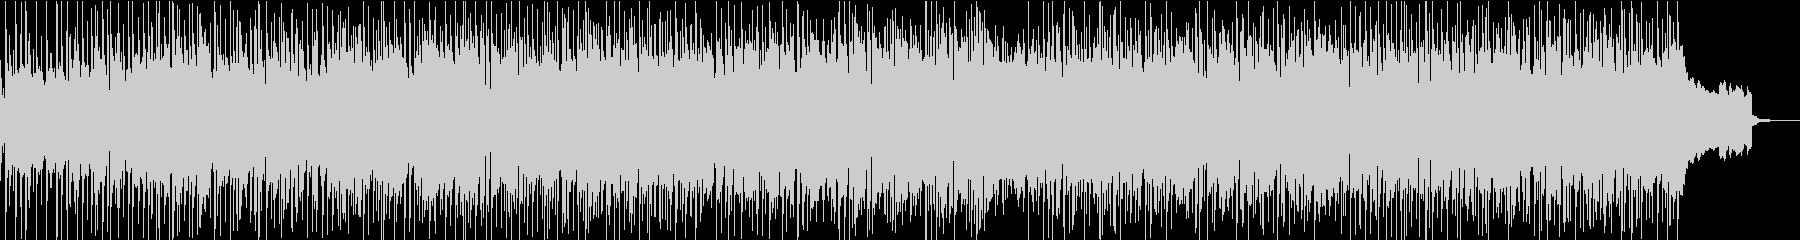 アコギストローク+オルガンの60sロックの未再生の波形